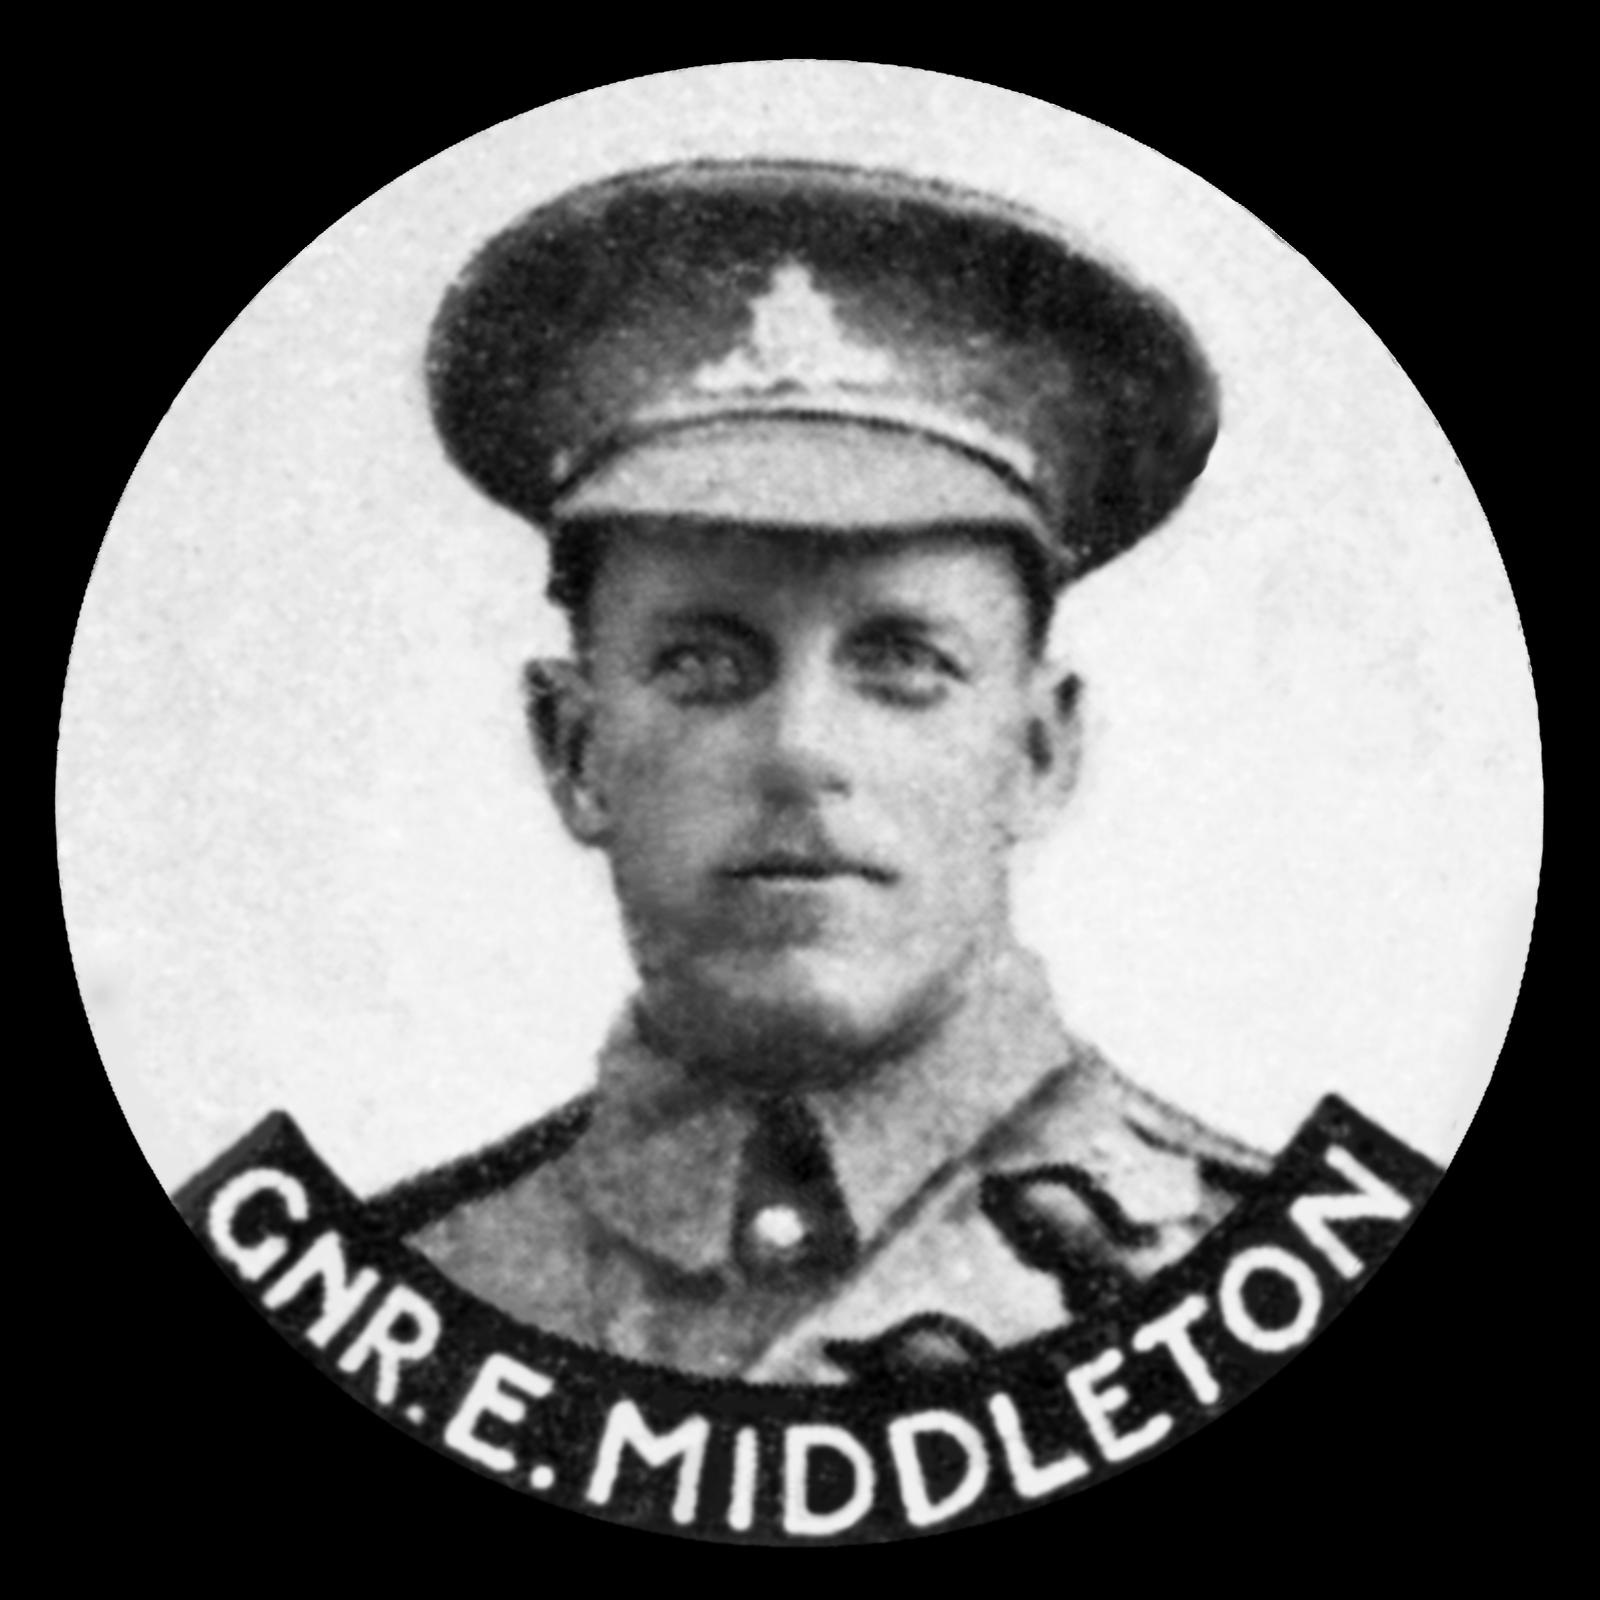 MIDDLETON Thomas Ernest